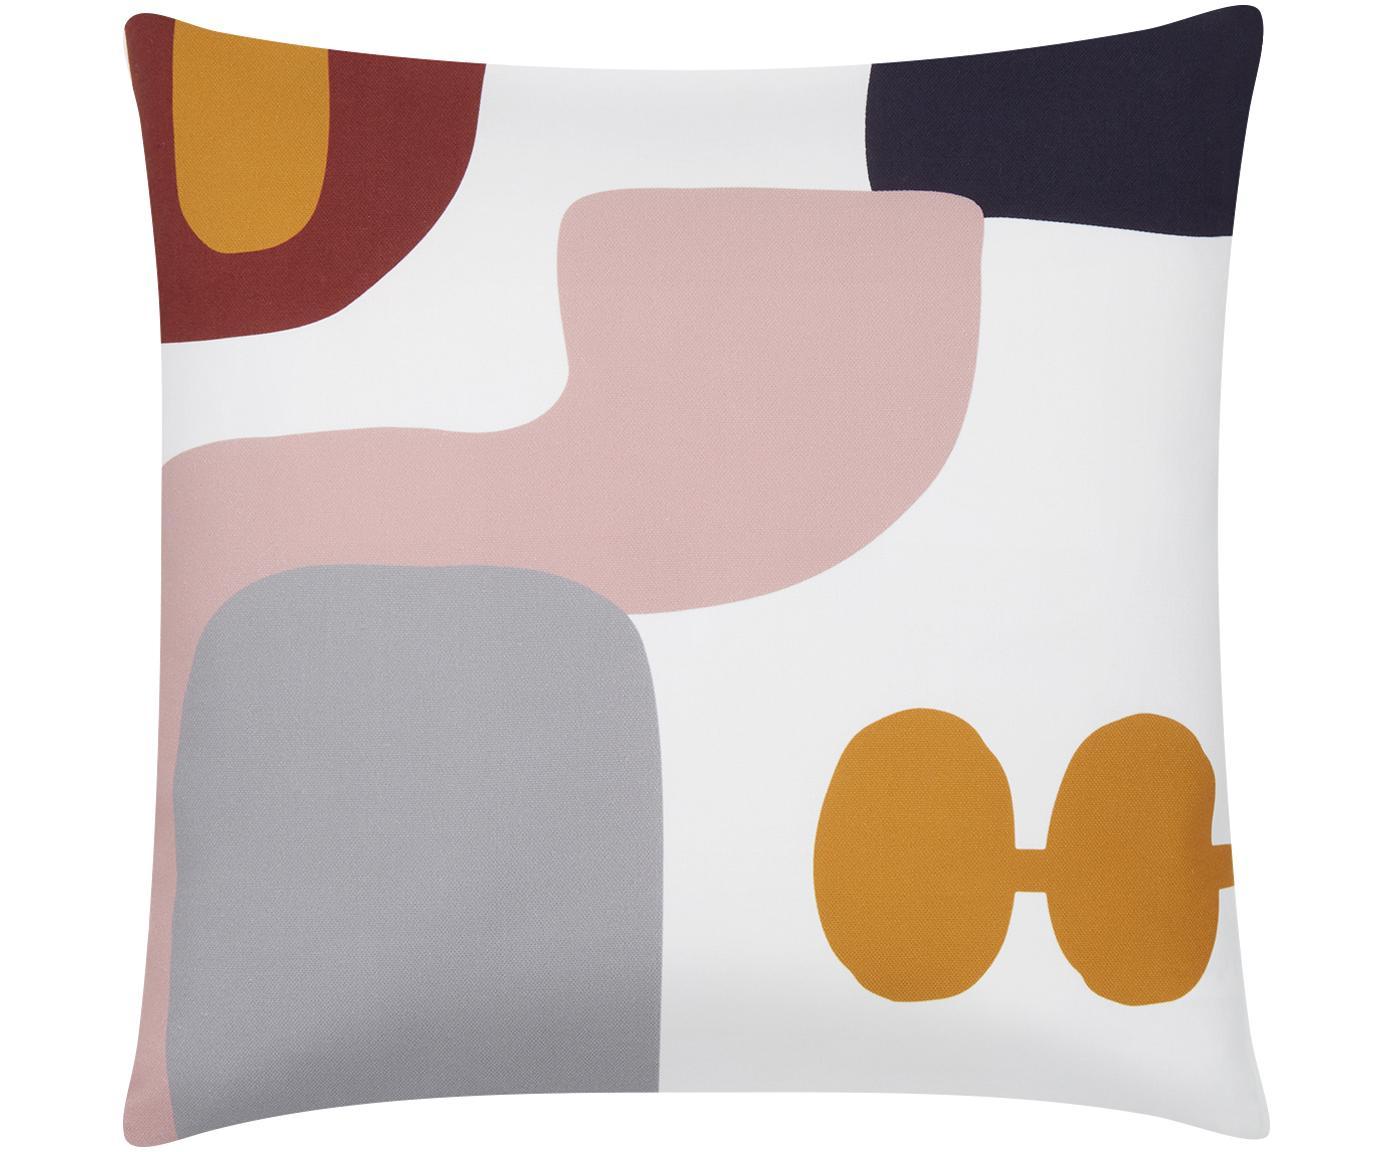 Kissenhülle Line mit geometrischen Formen, Webart: Panama, Weiss, Mehrfarbig, 40 x 40 cm